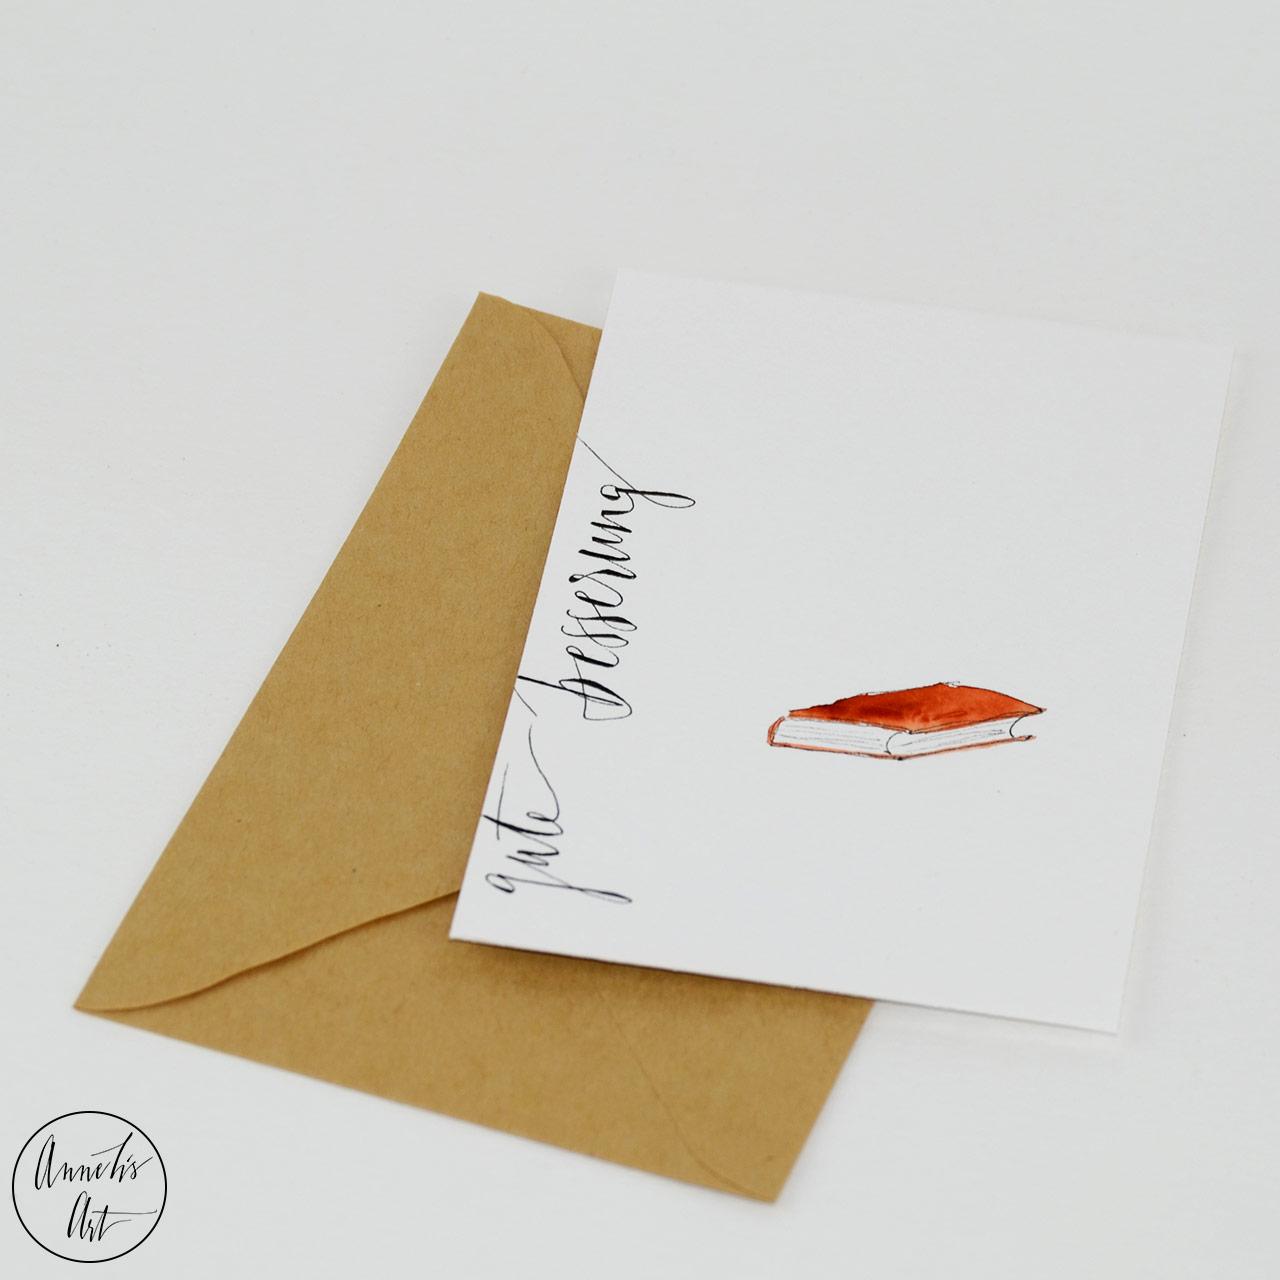 Grußkarte | Klappkarte mit Umschlag - Gute Besserung, rostrotes Buch